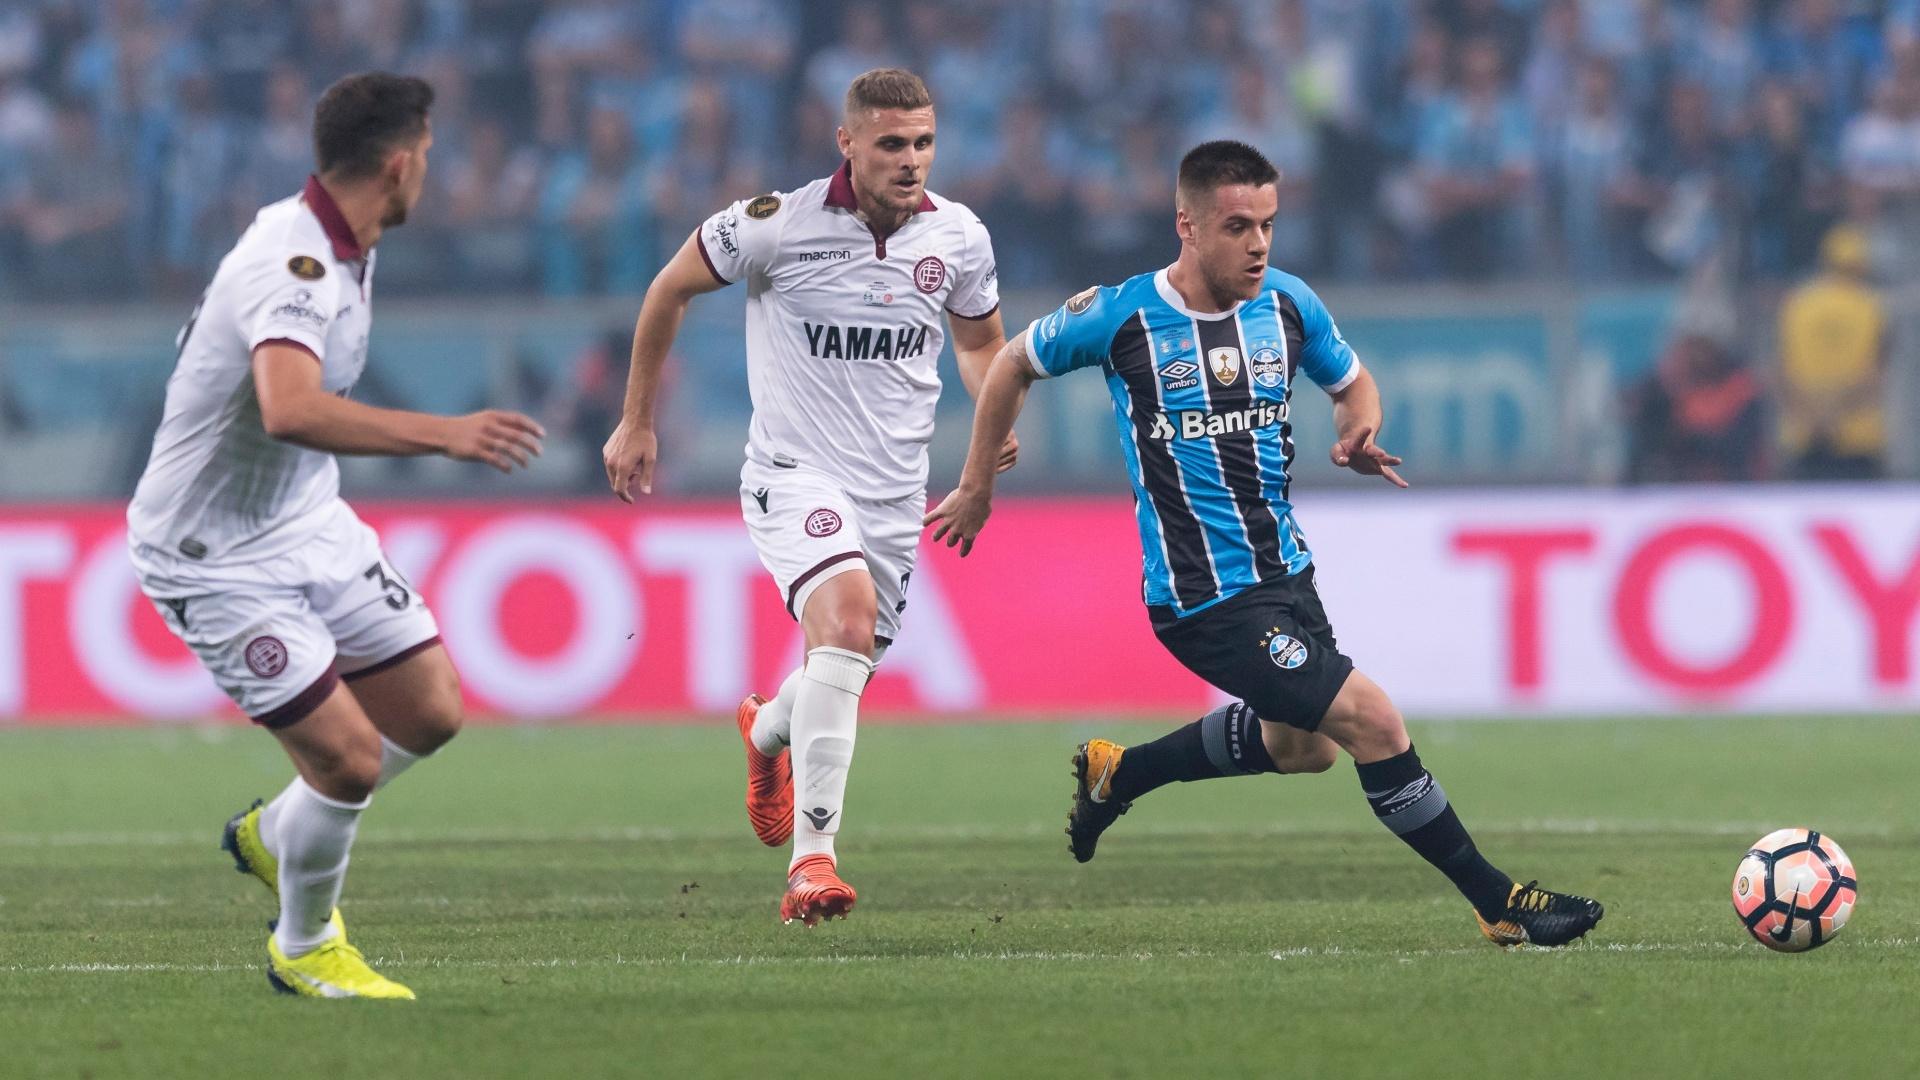 Ramiro foge da marcação do Lanús no primeiro jogo da final da Libertadores, na Arena do Grêmio